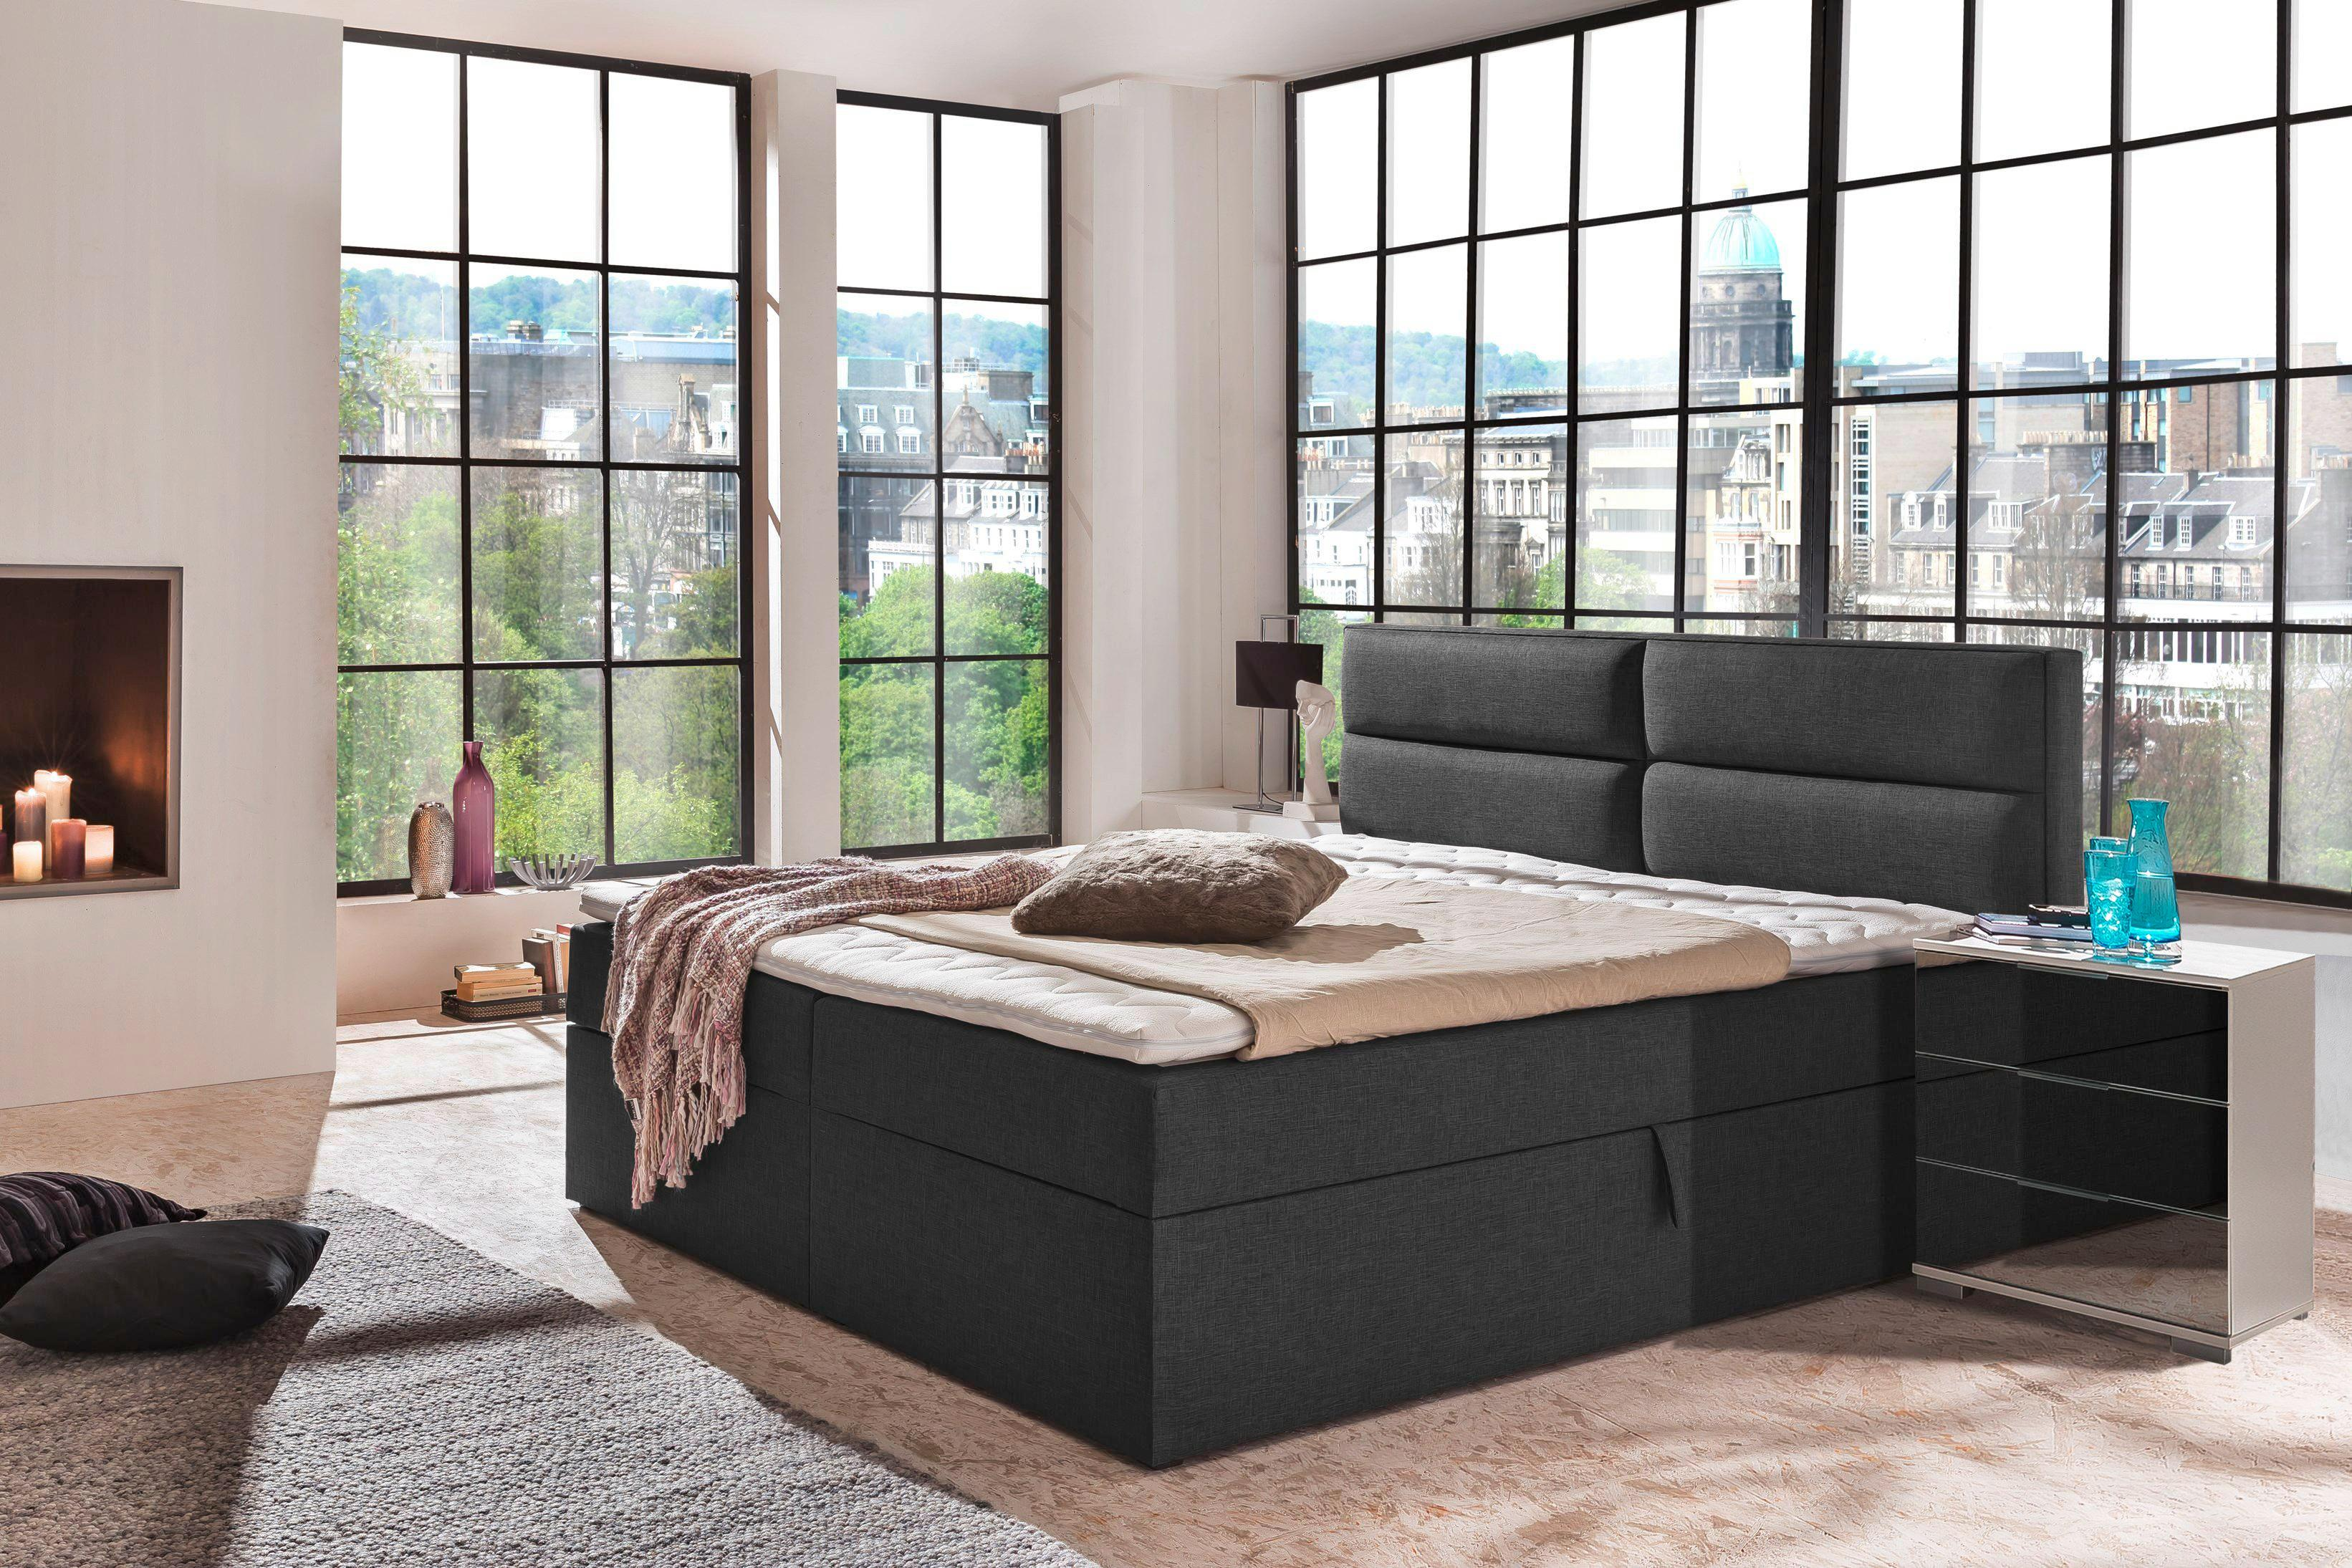 Schlafzimmermöbel günstig online kaufen | Möbelix